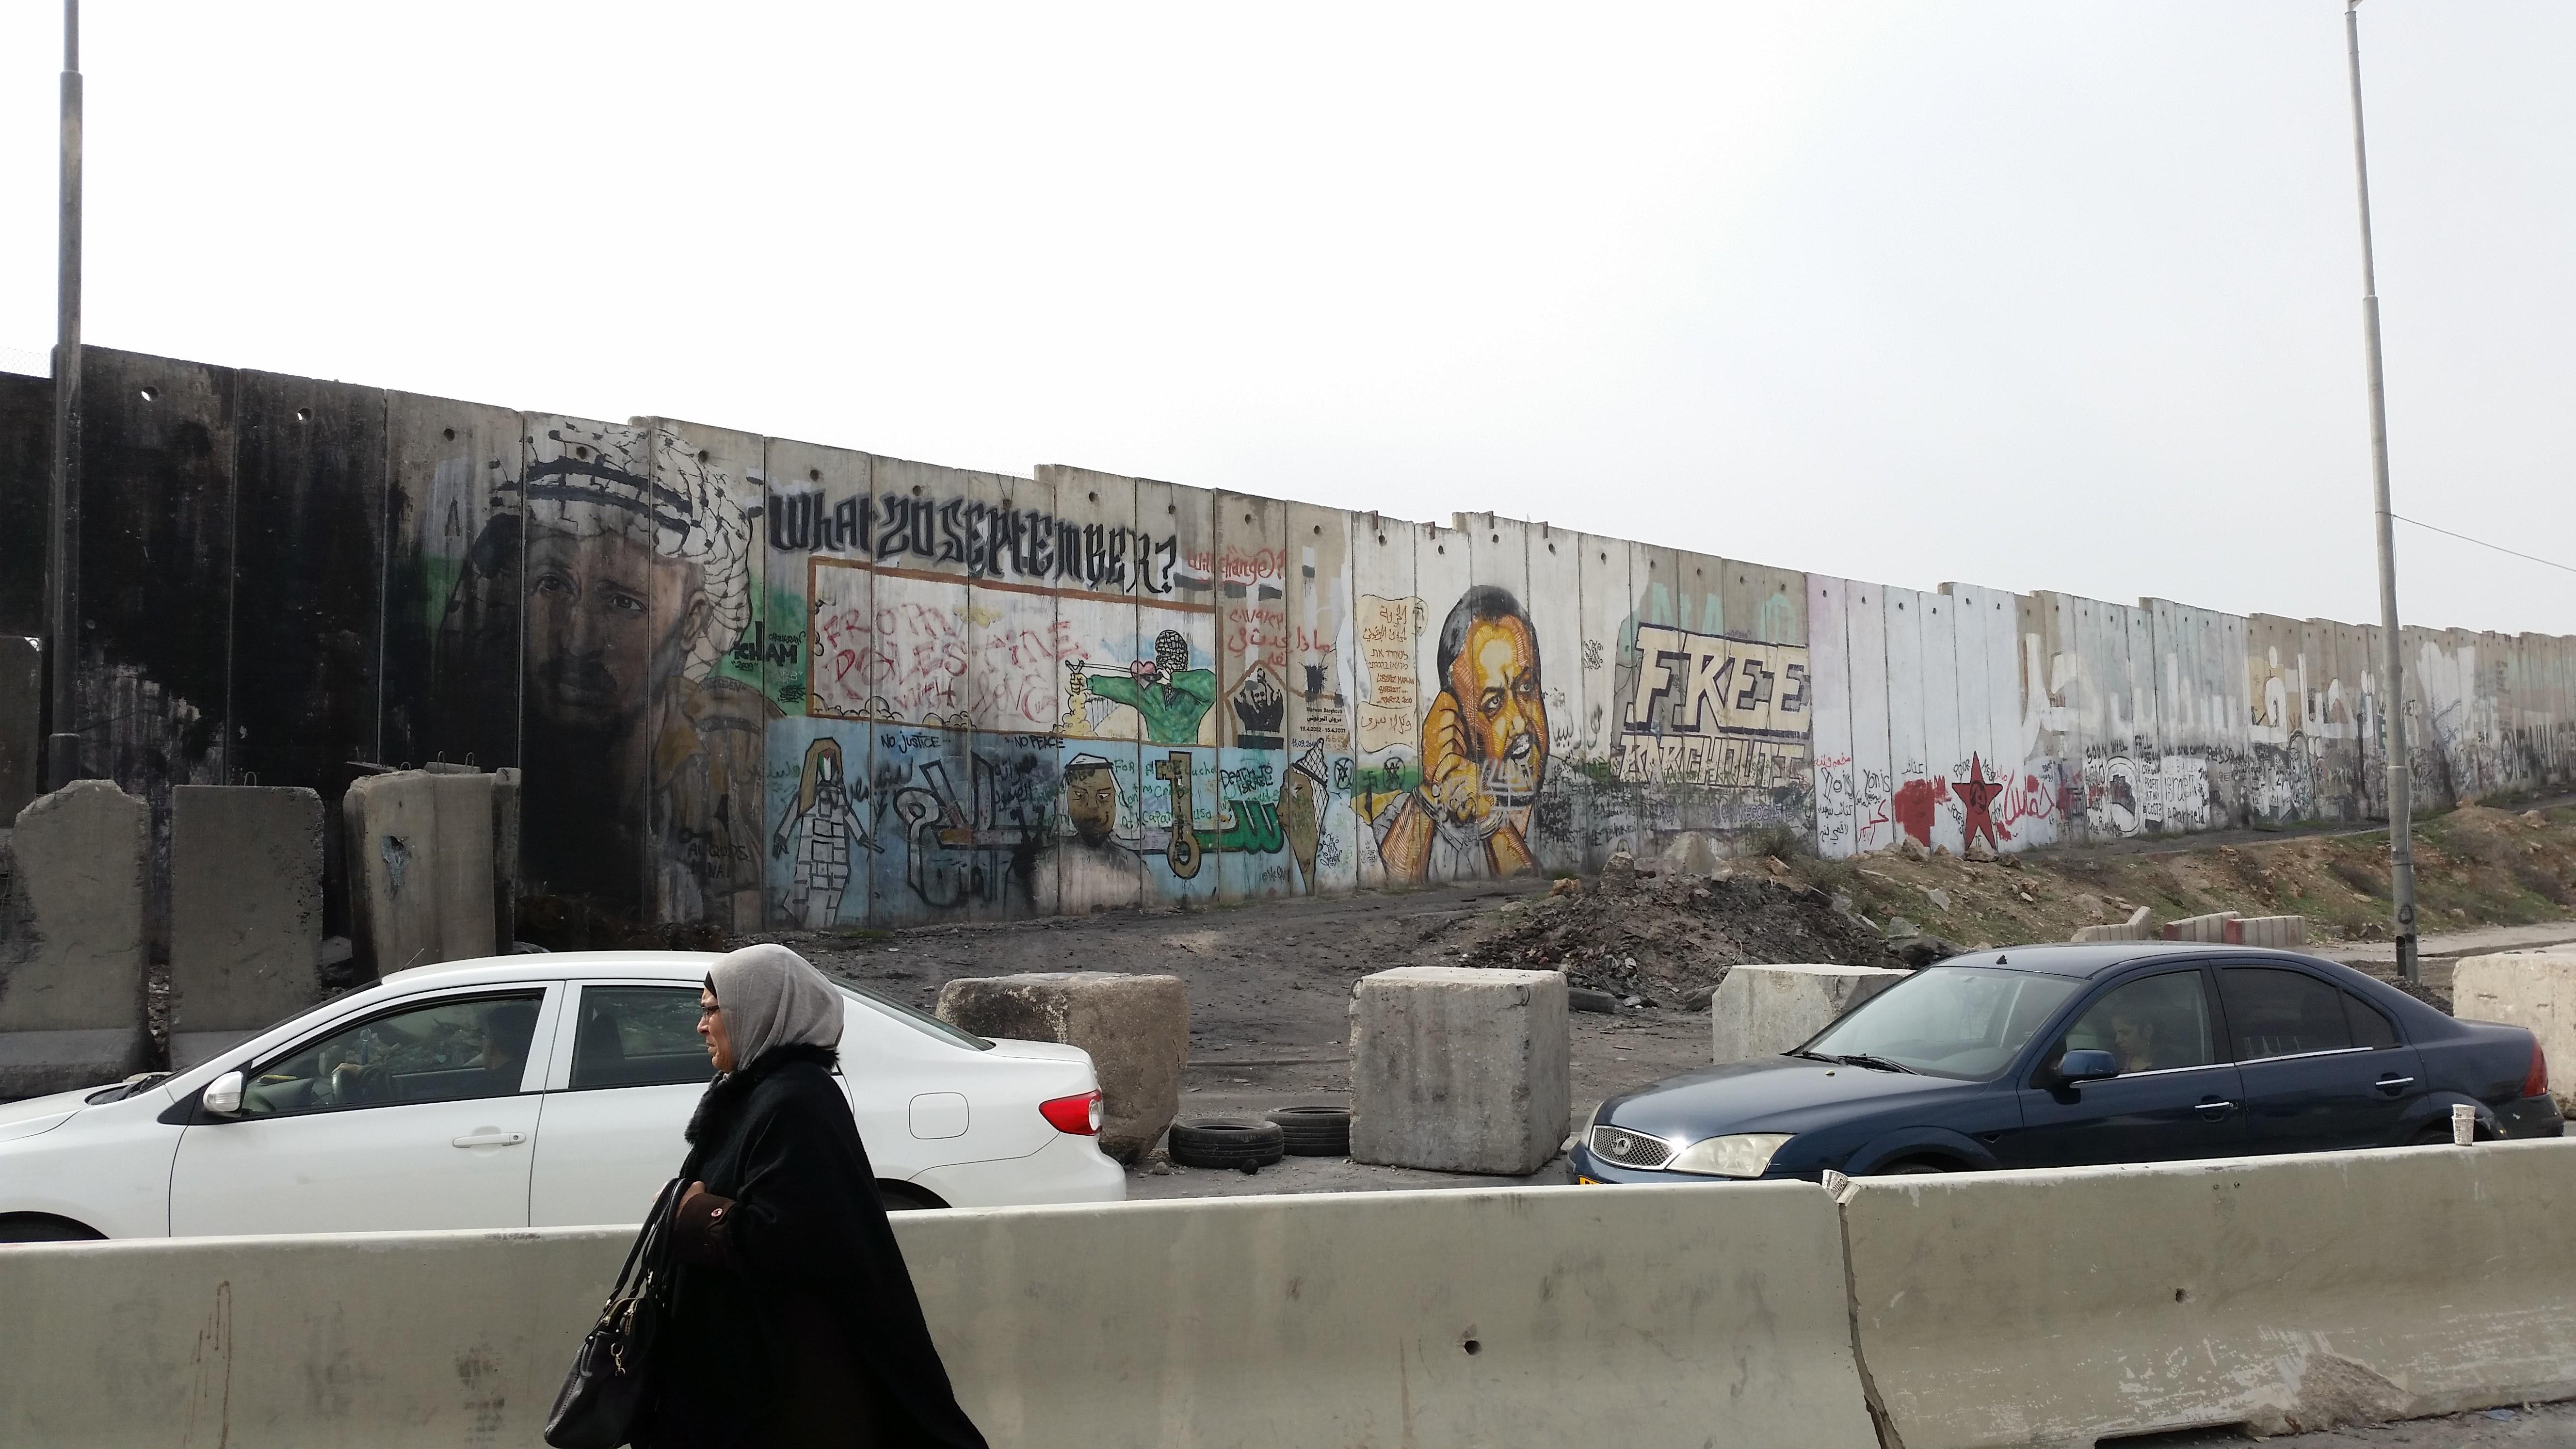 Fal Kalandiánál, a Ramallah és Jeruzsálem közötti fő ellenőrző pontnál. A legtöbb helyen a fal palesztin oldalán képekkel és festett feliratokkal üzennek a palesztinok.